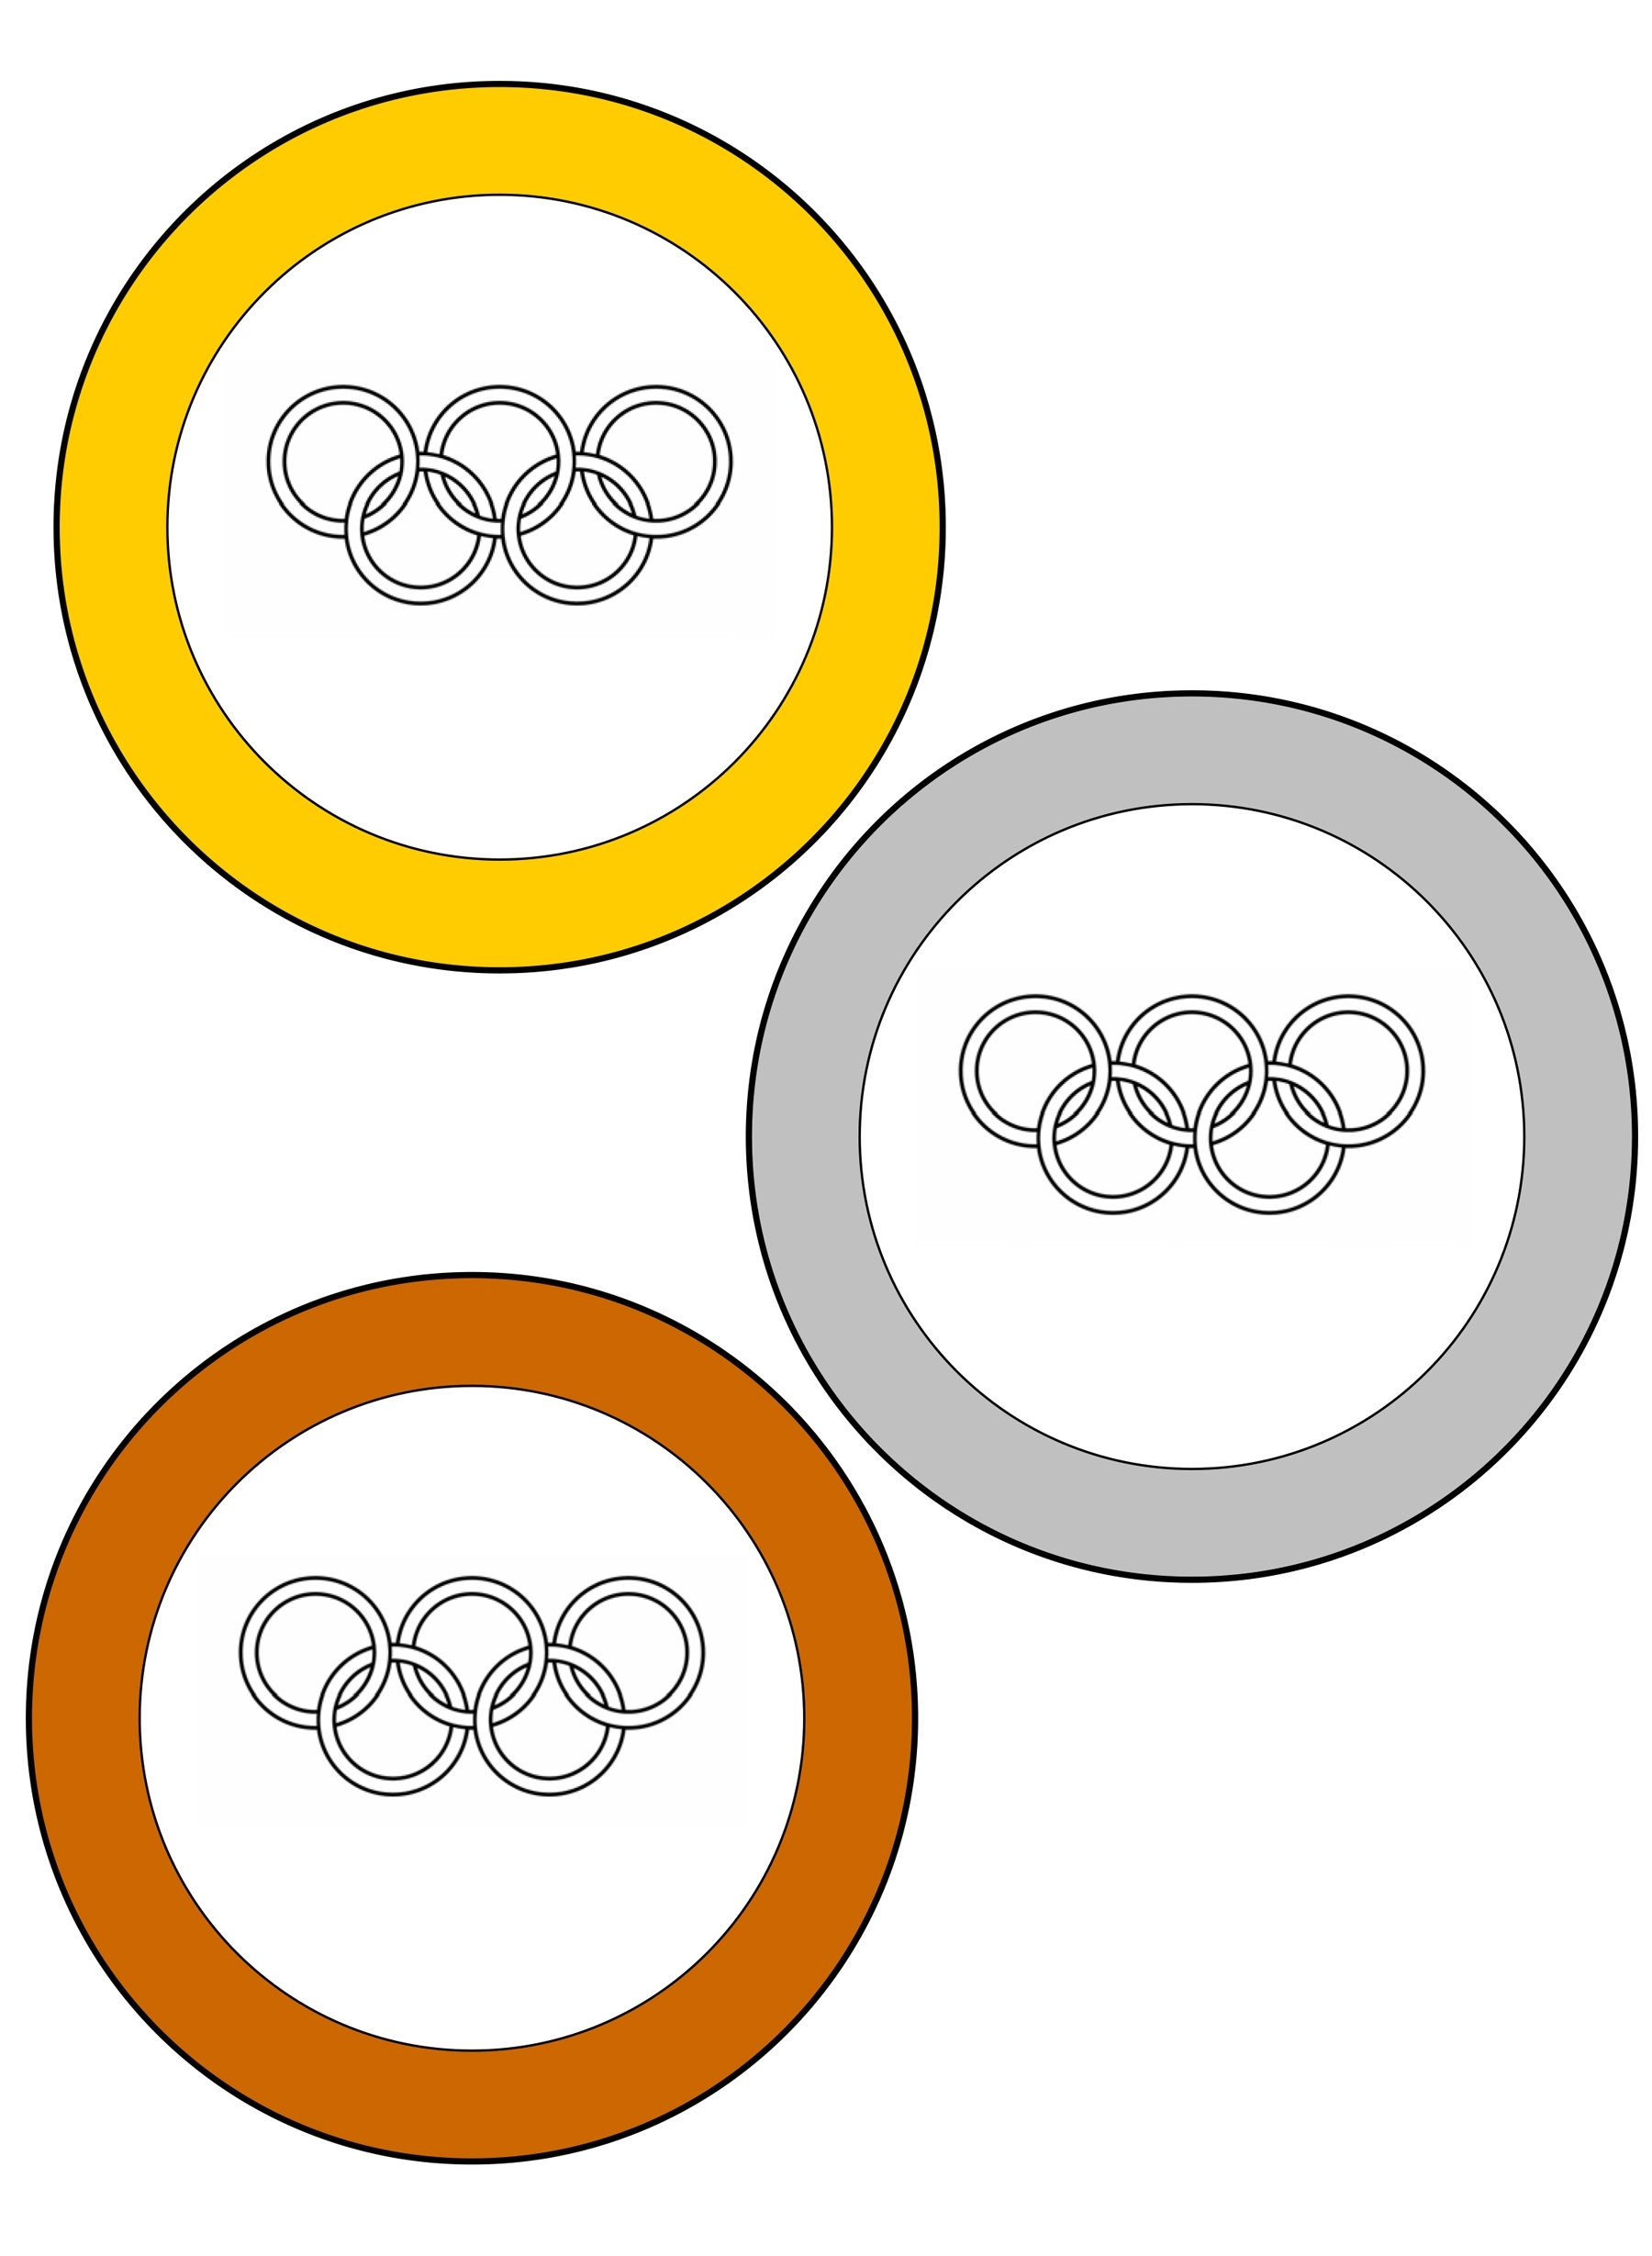 уверены, олимпийские кольца для раскрашивания зеленоцветные красиво